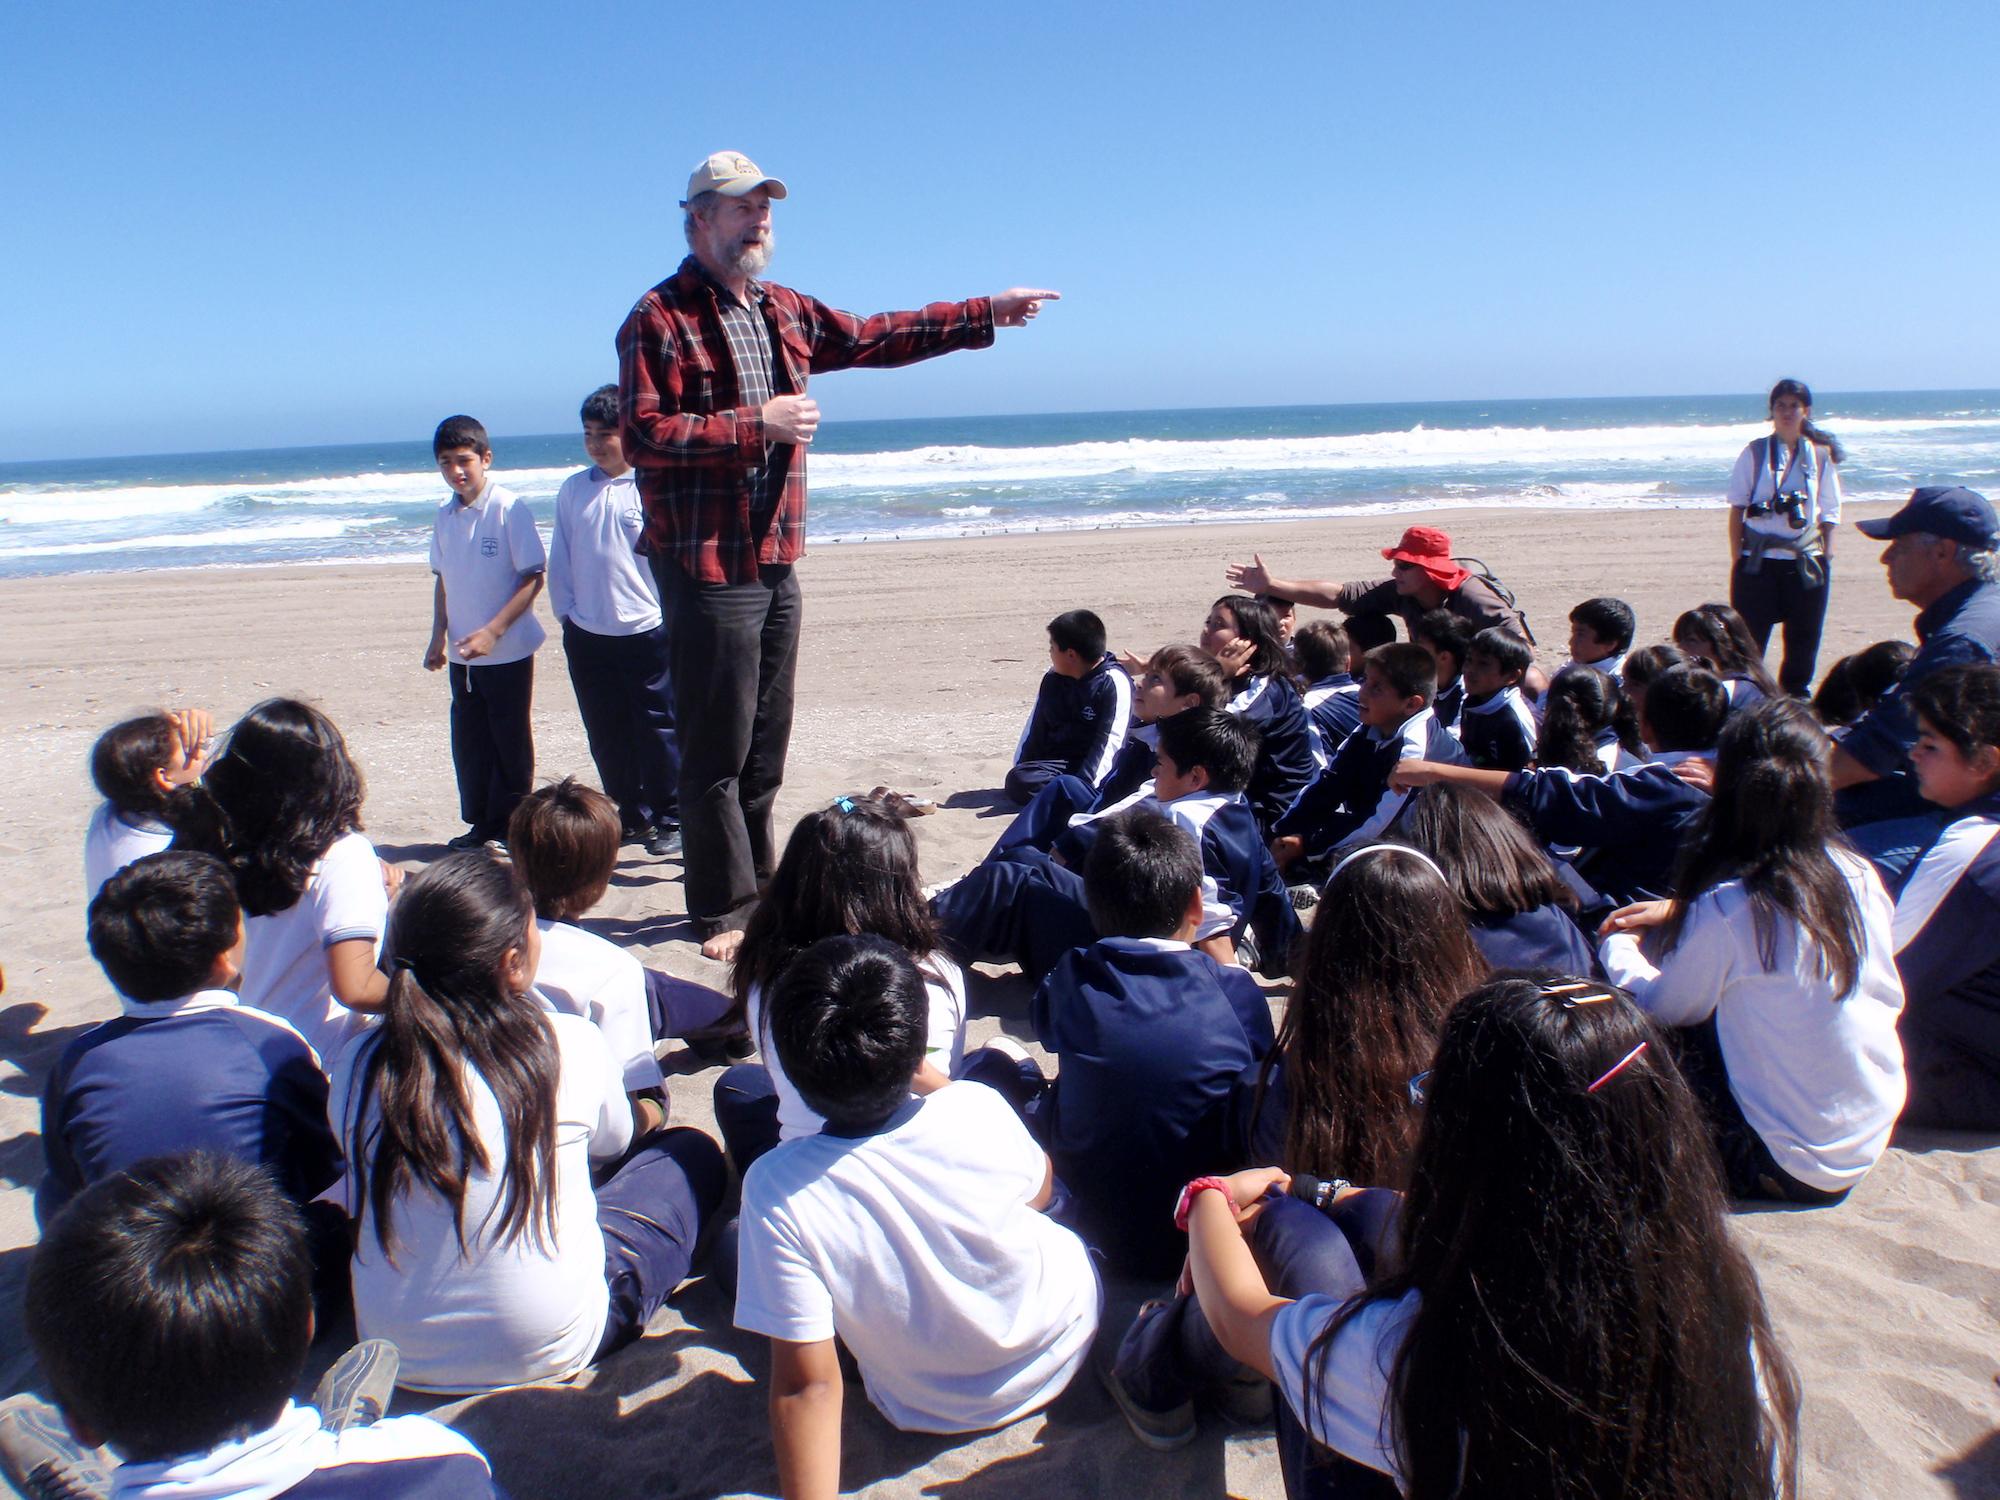 """El científico Martín Thiel desarrolla el programa de ciencia ciudadana """"Científicos de la Basura"""", junto con escolares y profesores de Chile. Foto: Ivan Hinojosa"""